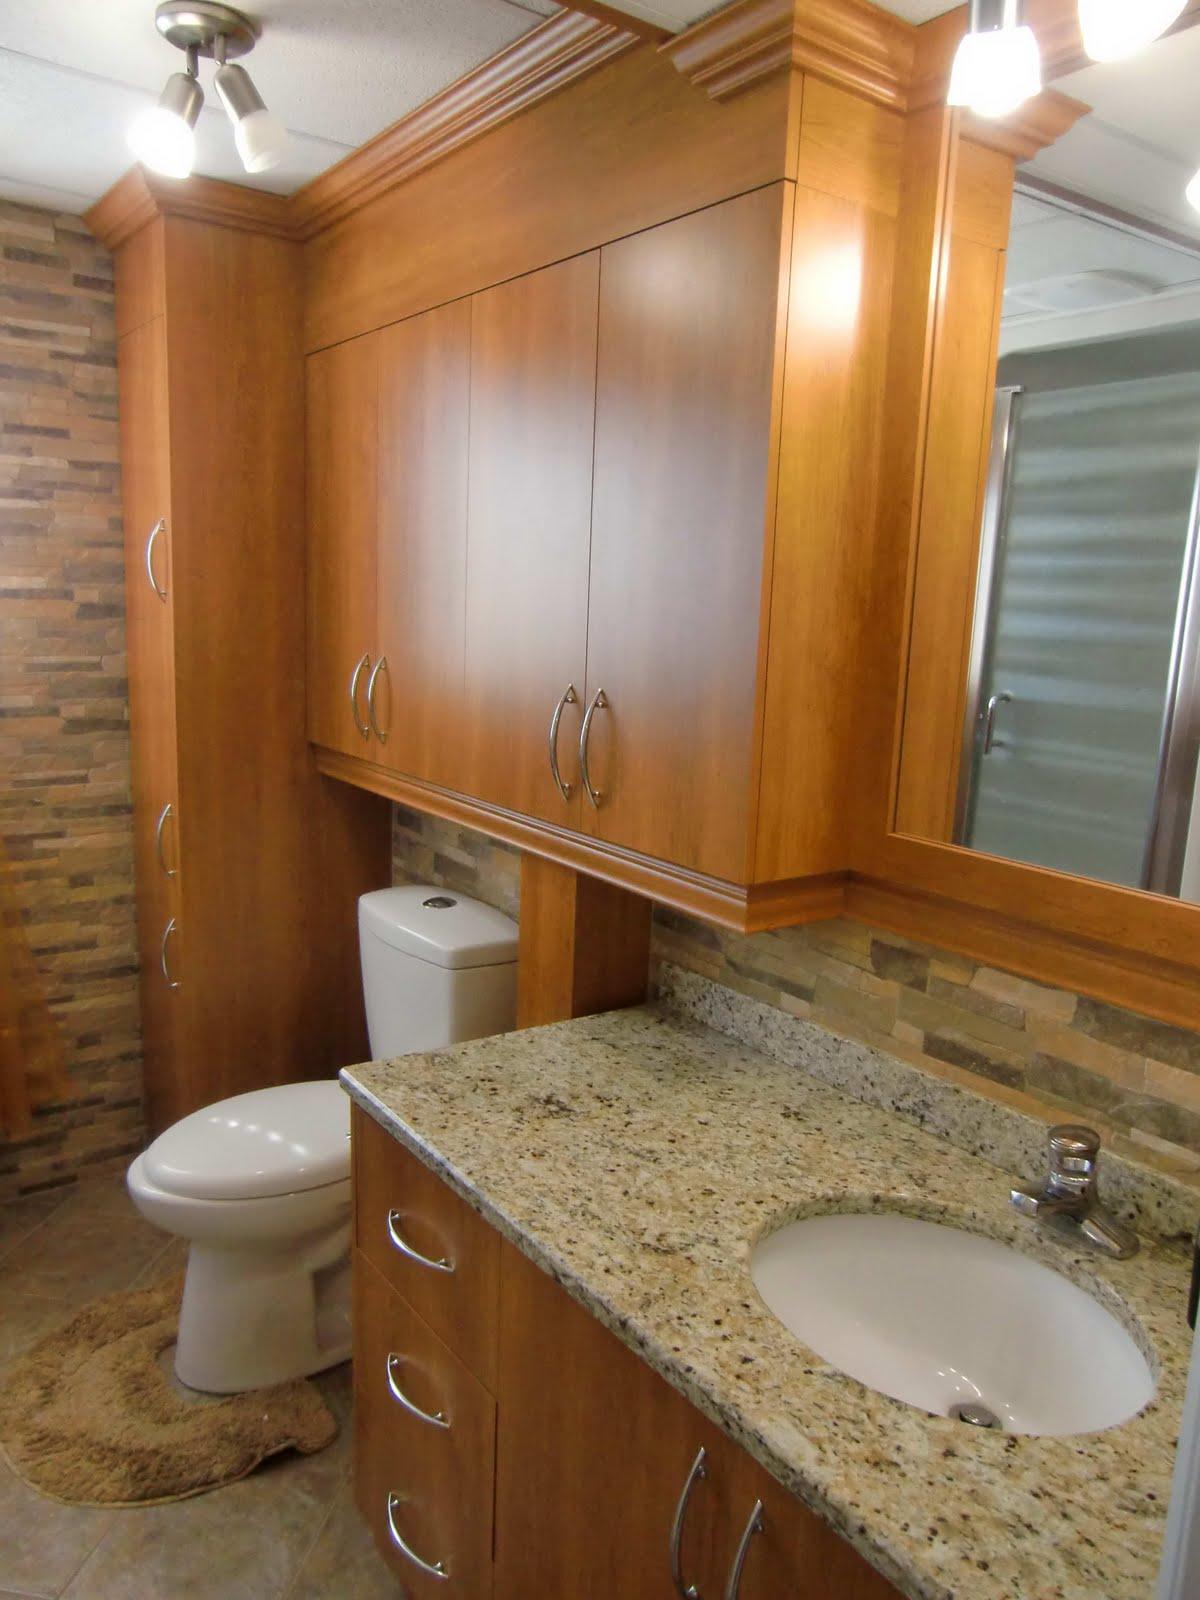 Specialit smm armoire de salle de bain en m lamine for Salle de bain granit